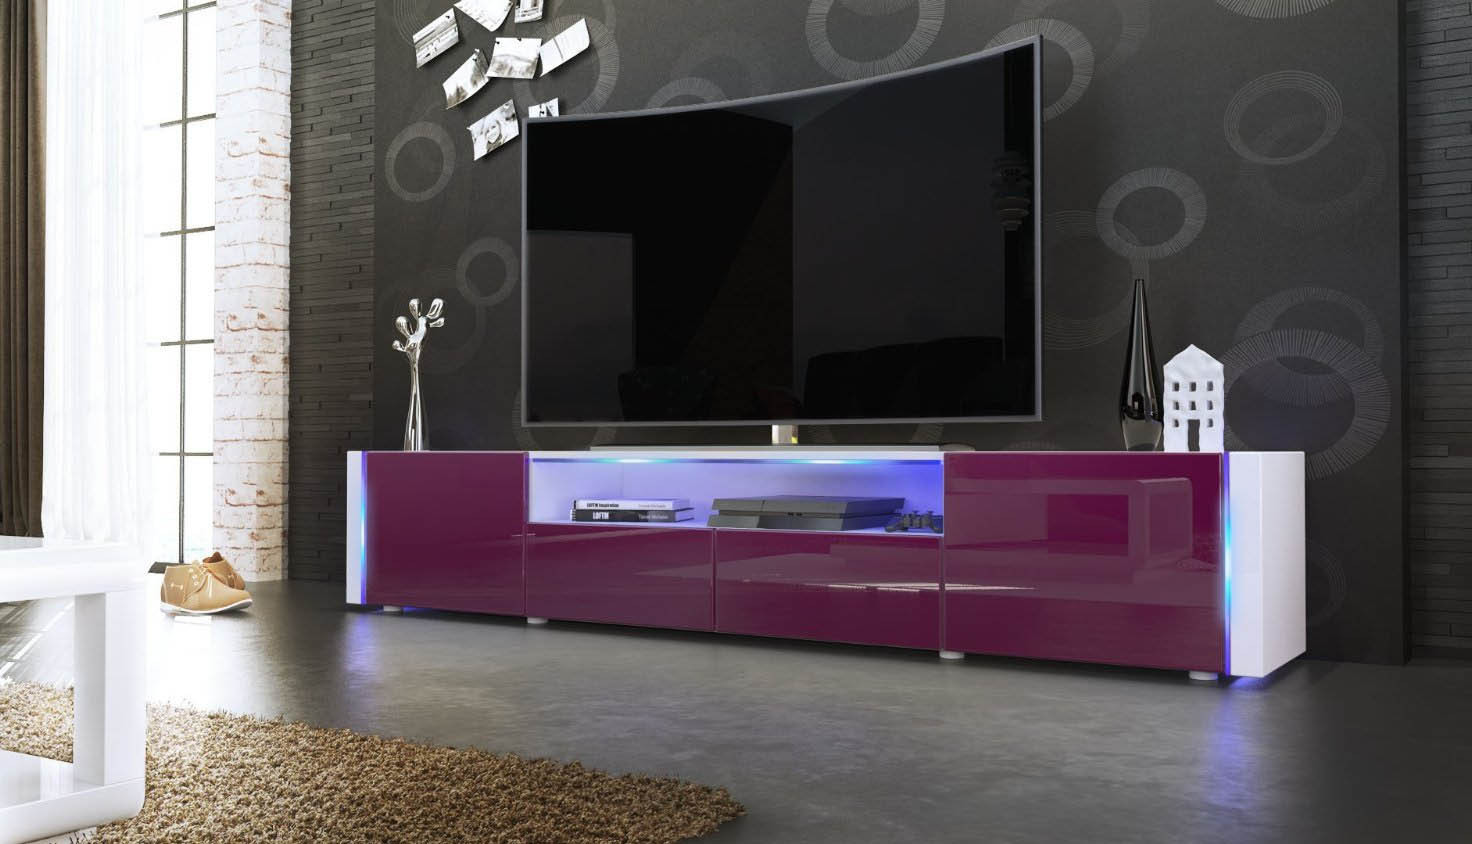 Casanova porta tv moderno mobile soggiorno bianco con led Mobile soggiorno bianco